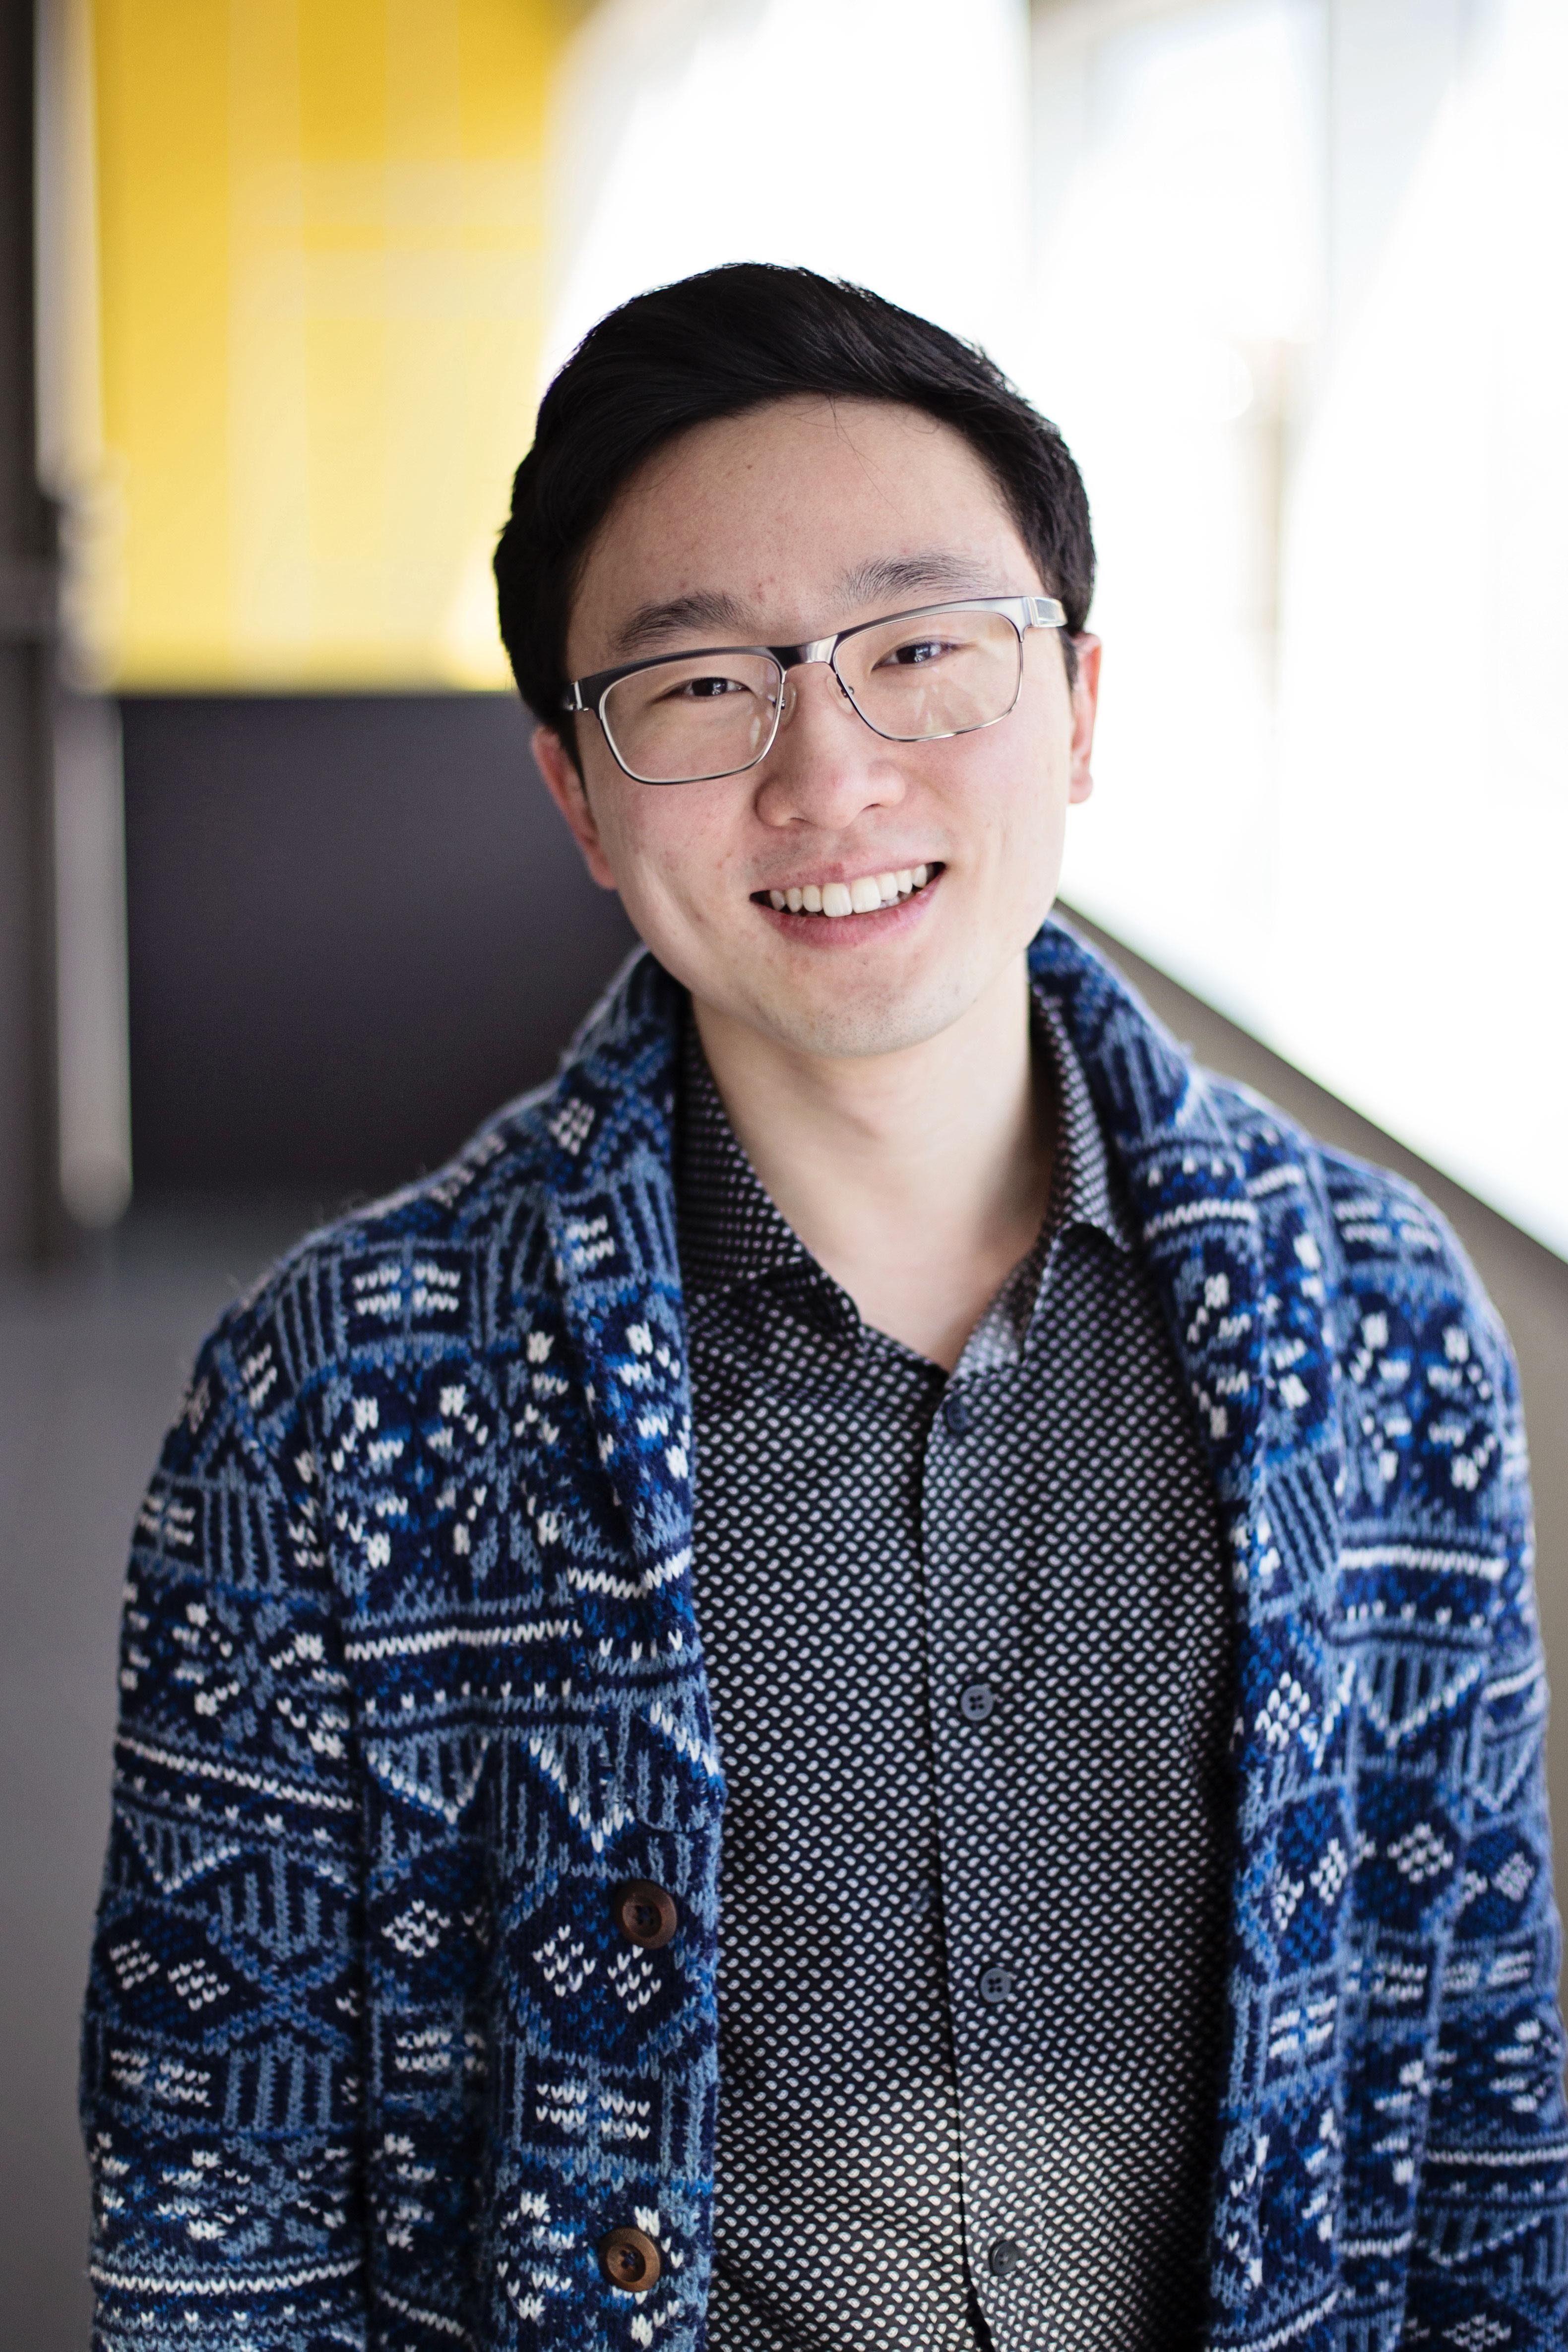 Wesley Vuong